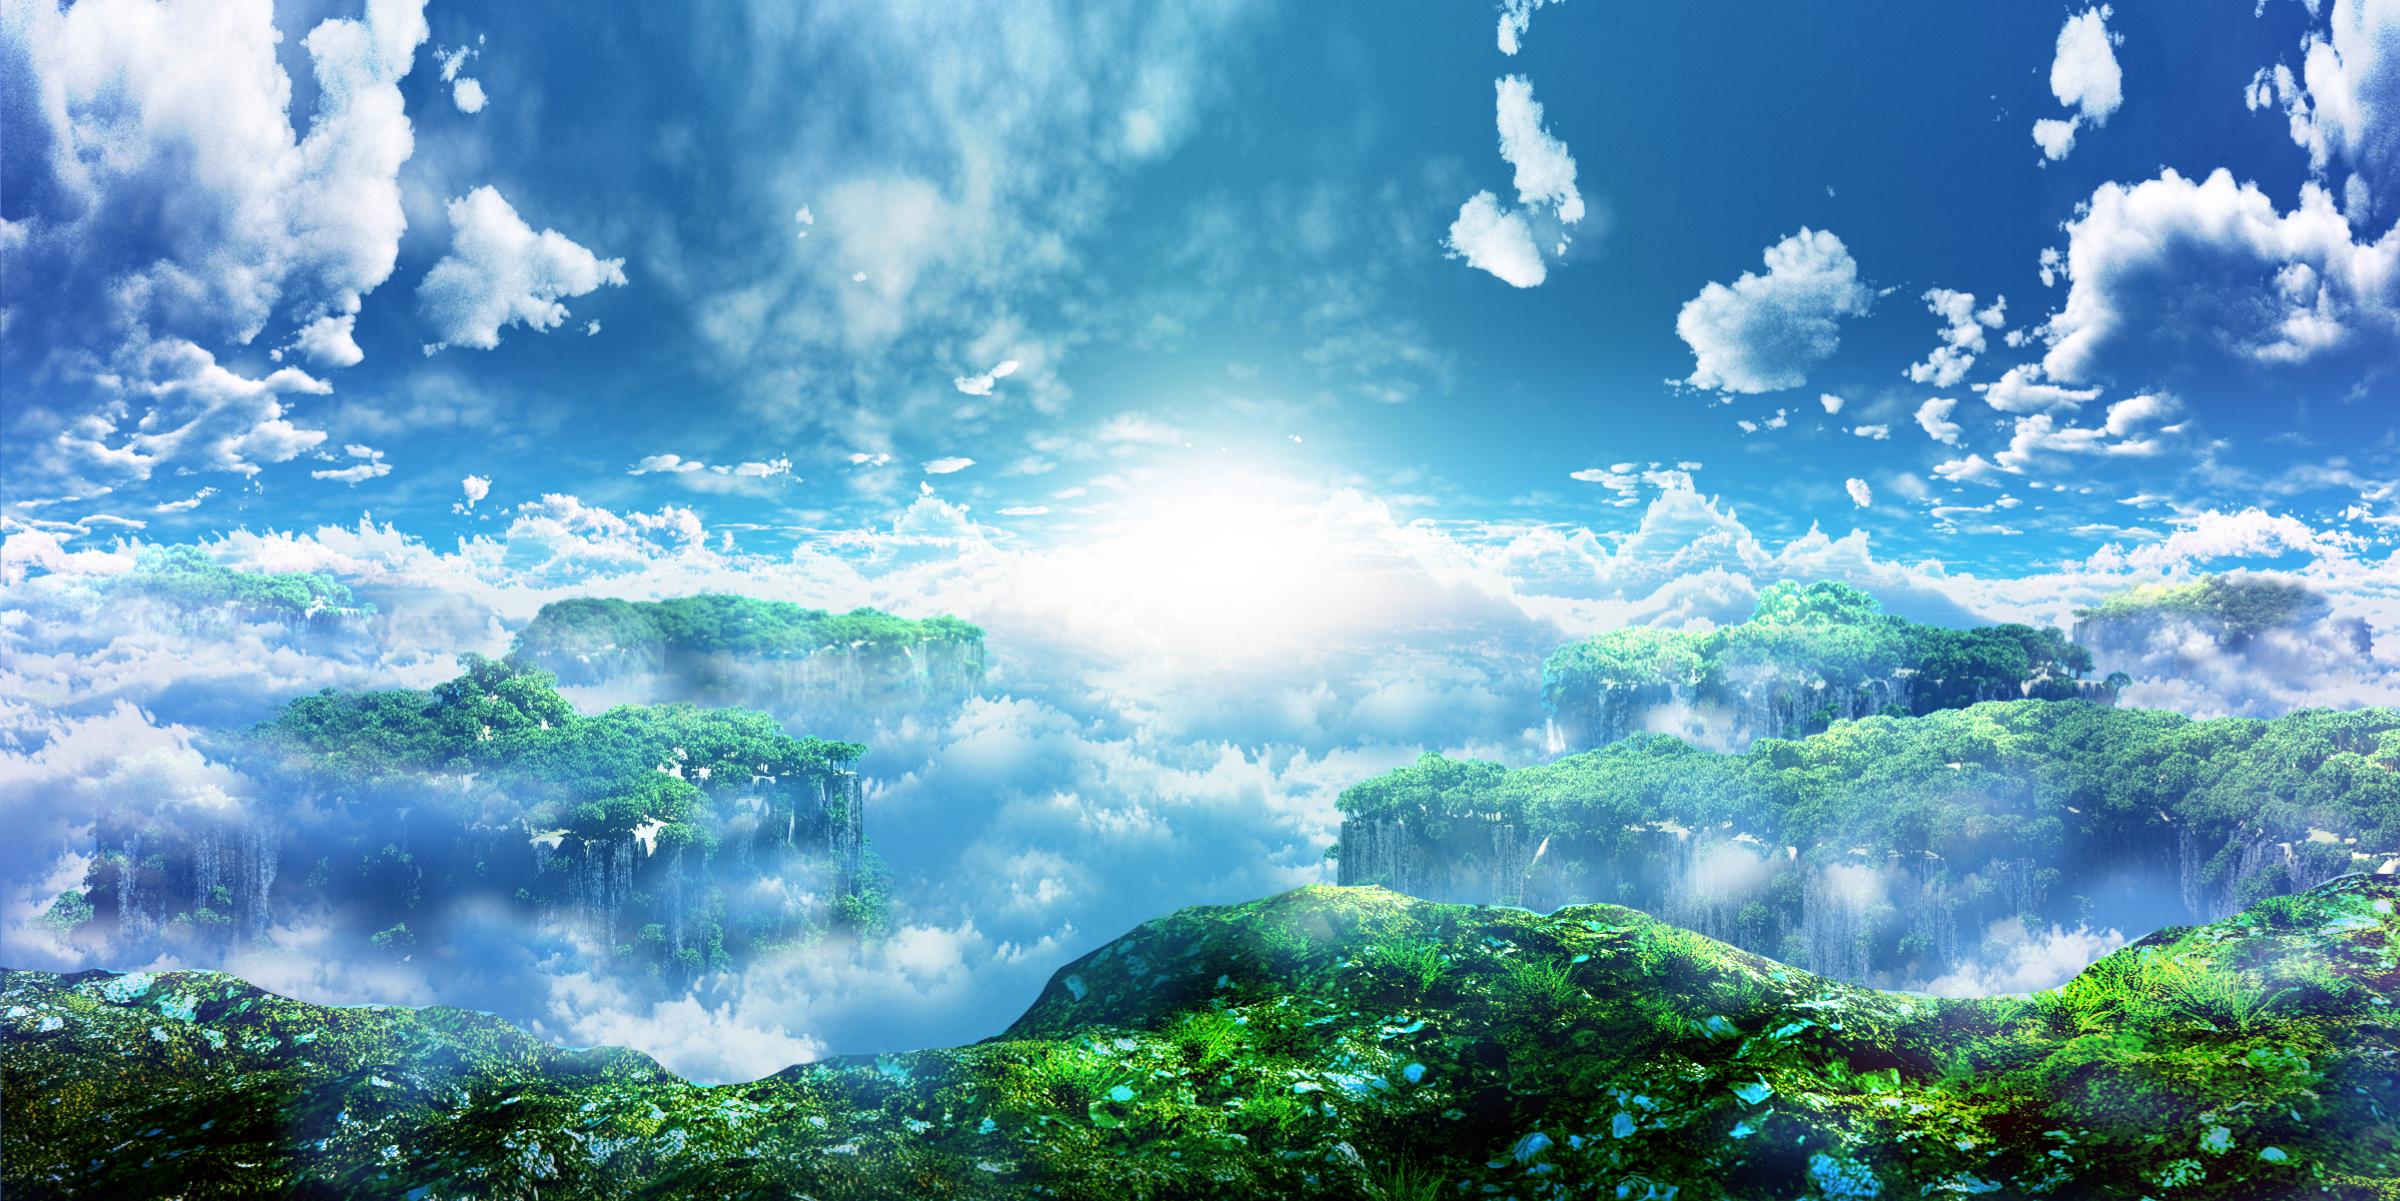 唯美风景壁纸:星芒,晚霞,仙境,爱情,二次元,总有你会